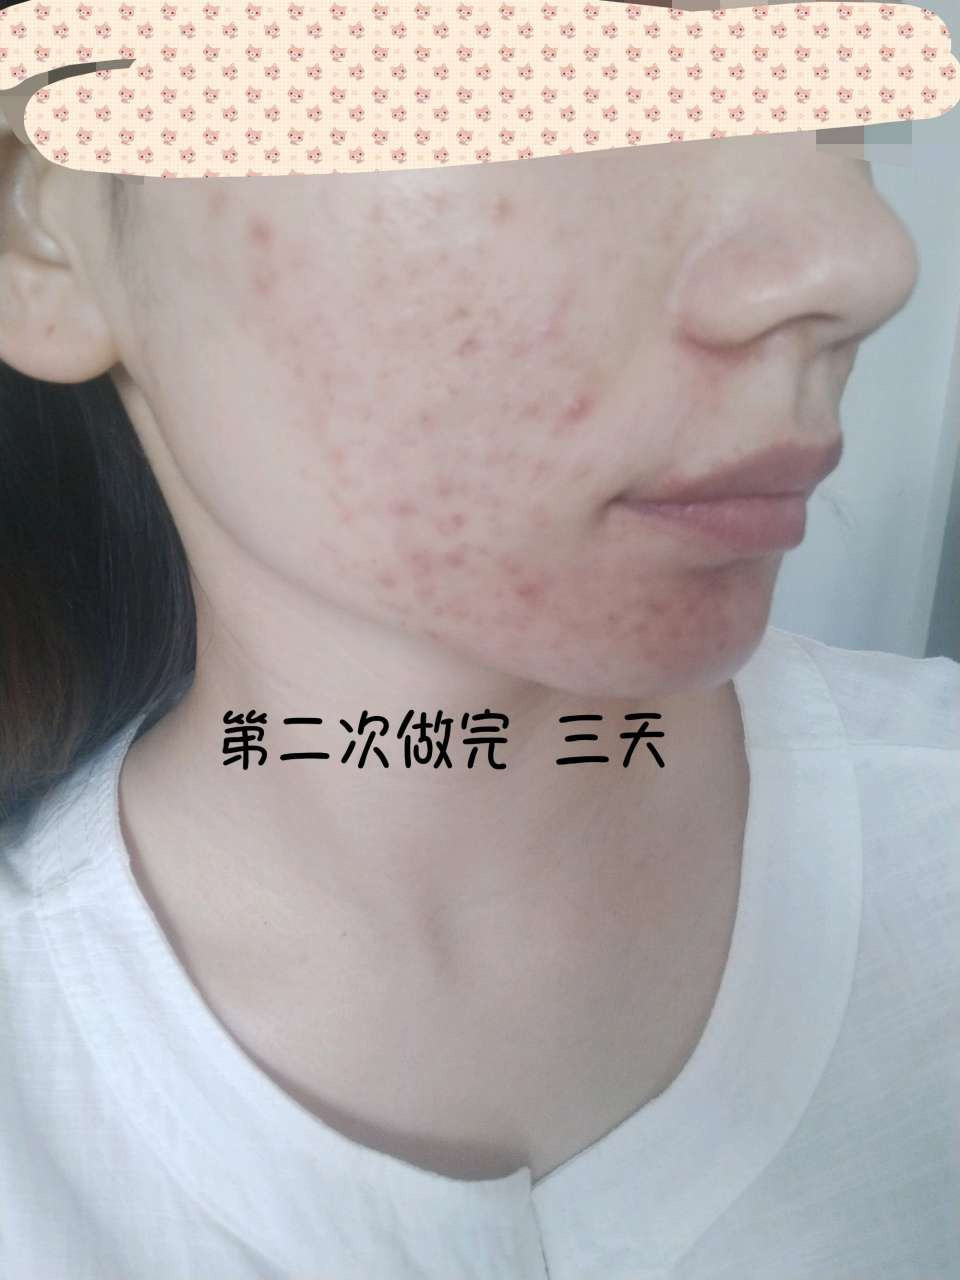 果酸焕肤 项目分类:皮肤管理 化学换肤 去痘印痘坑